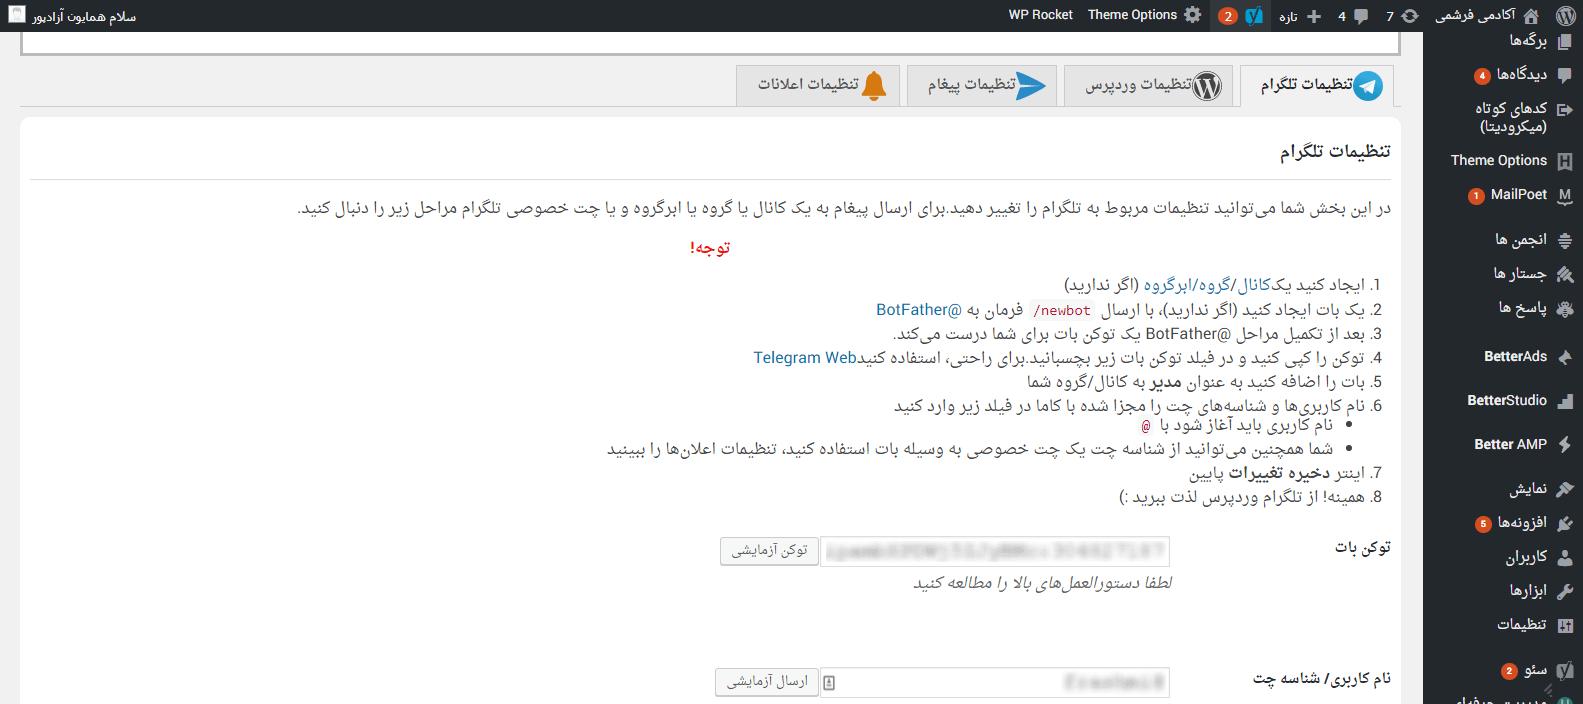 بهترین روش ارسال خودکار مطالب از وردپرس به تلگرام 2